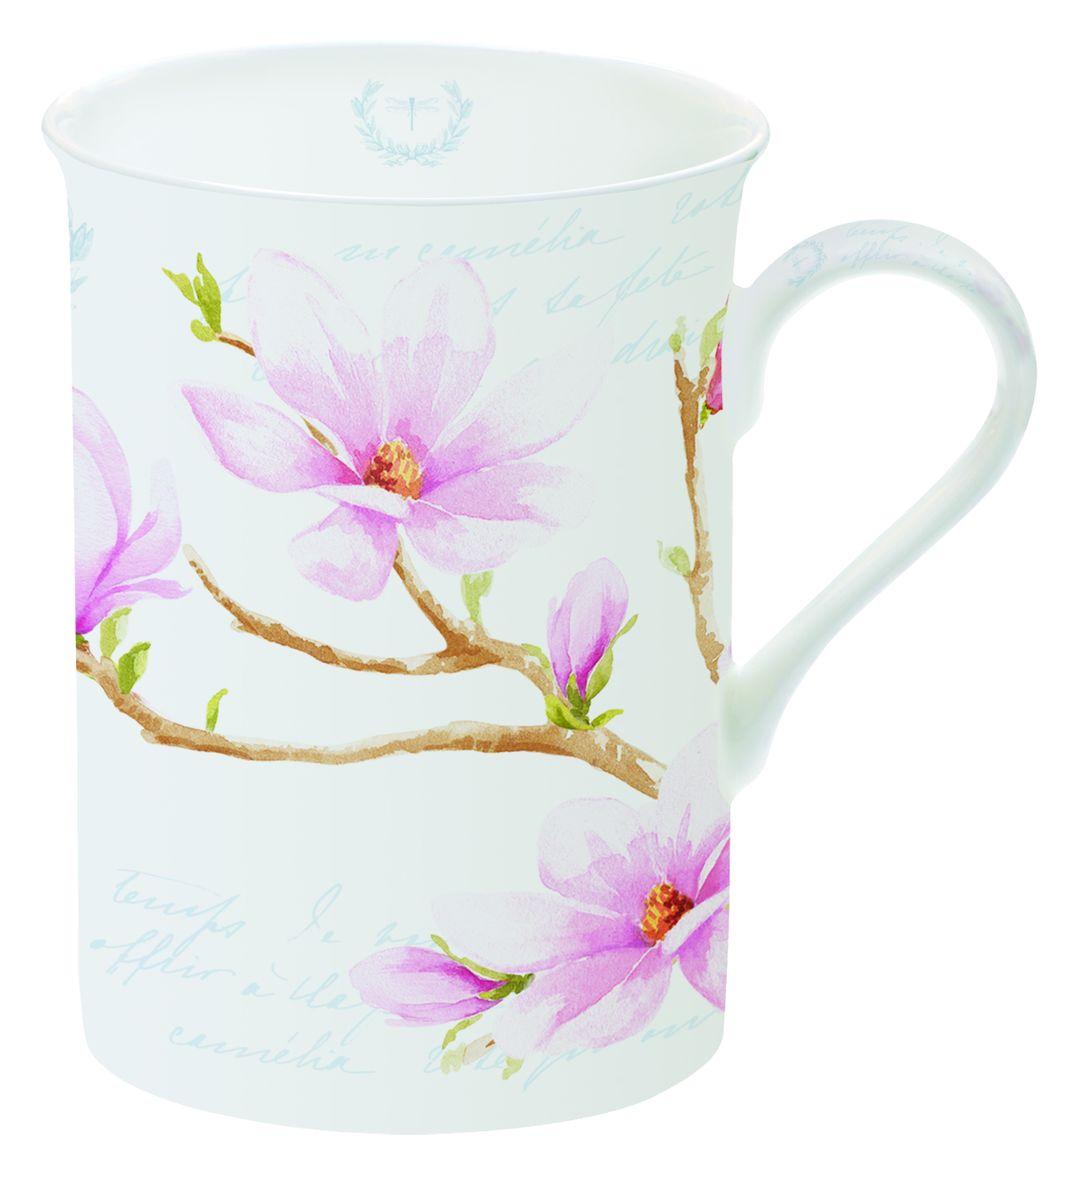 Кружка Nuova R2S Розовая магнолия, 250 мл329MAGNКружка Nuova R2S Розовая магнолия изготовлена из высококачественного фарфора. Внешние стенки изделия оформлены красочным рисунком магнолии. Такая кружка станет неизменным атрибутом домашнего чаепития, а пить любимый напиток из нее будет еще приятнее.